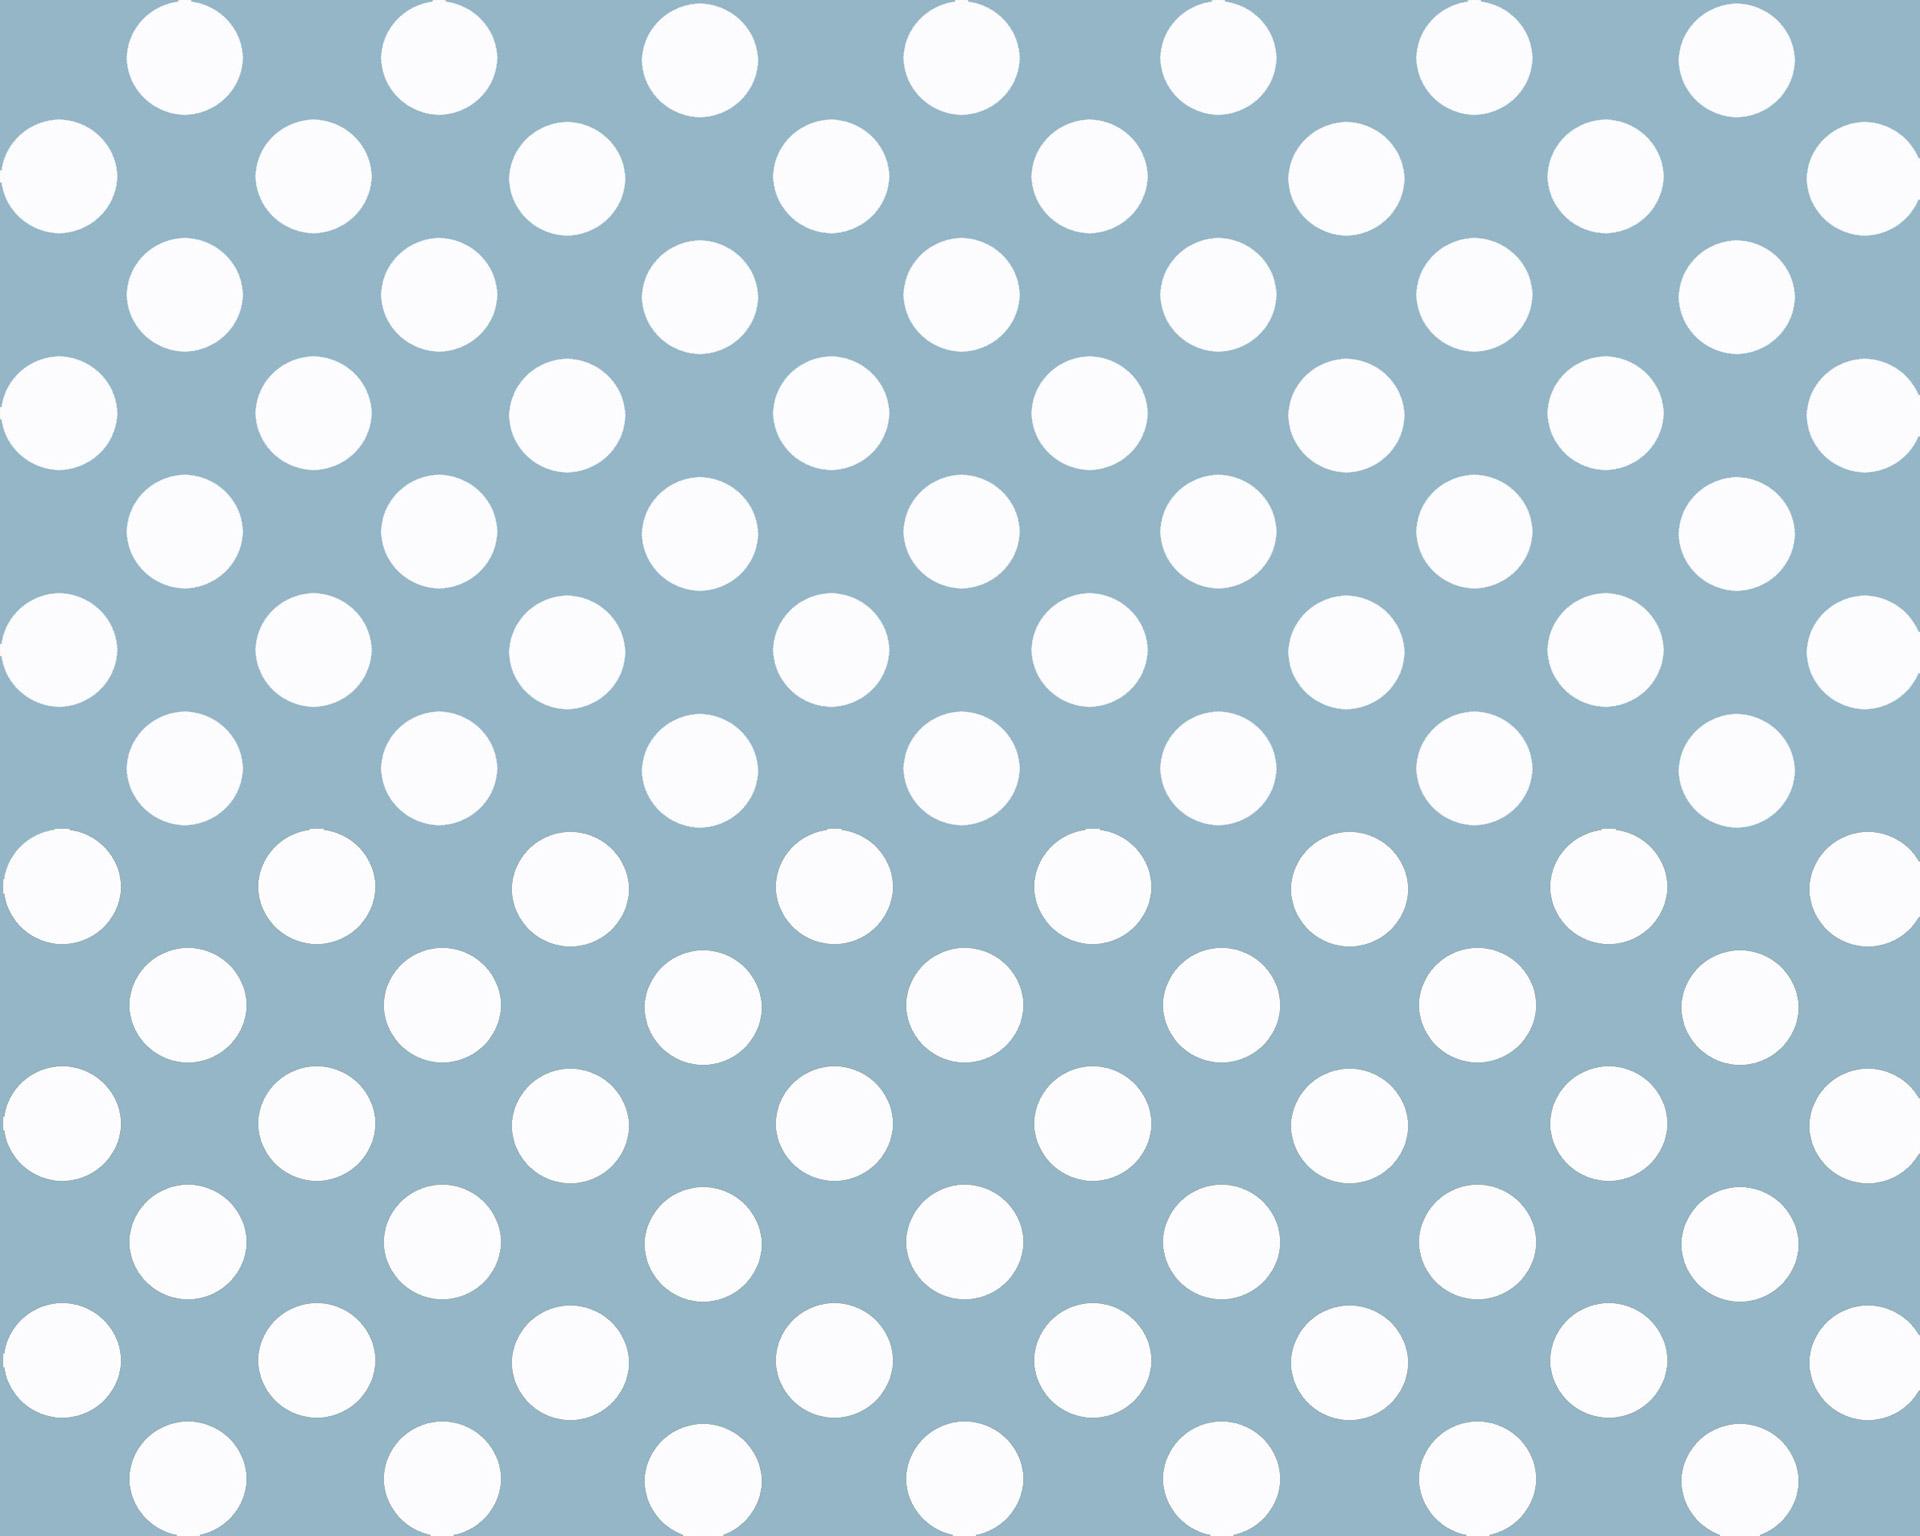 Polka dot (or spot)